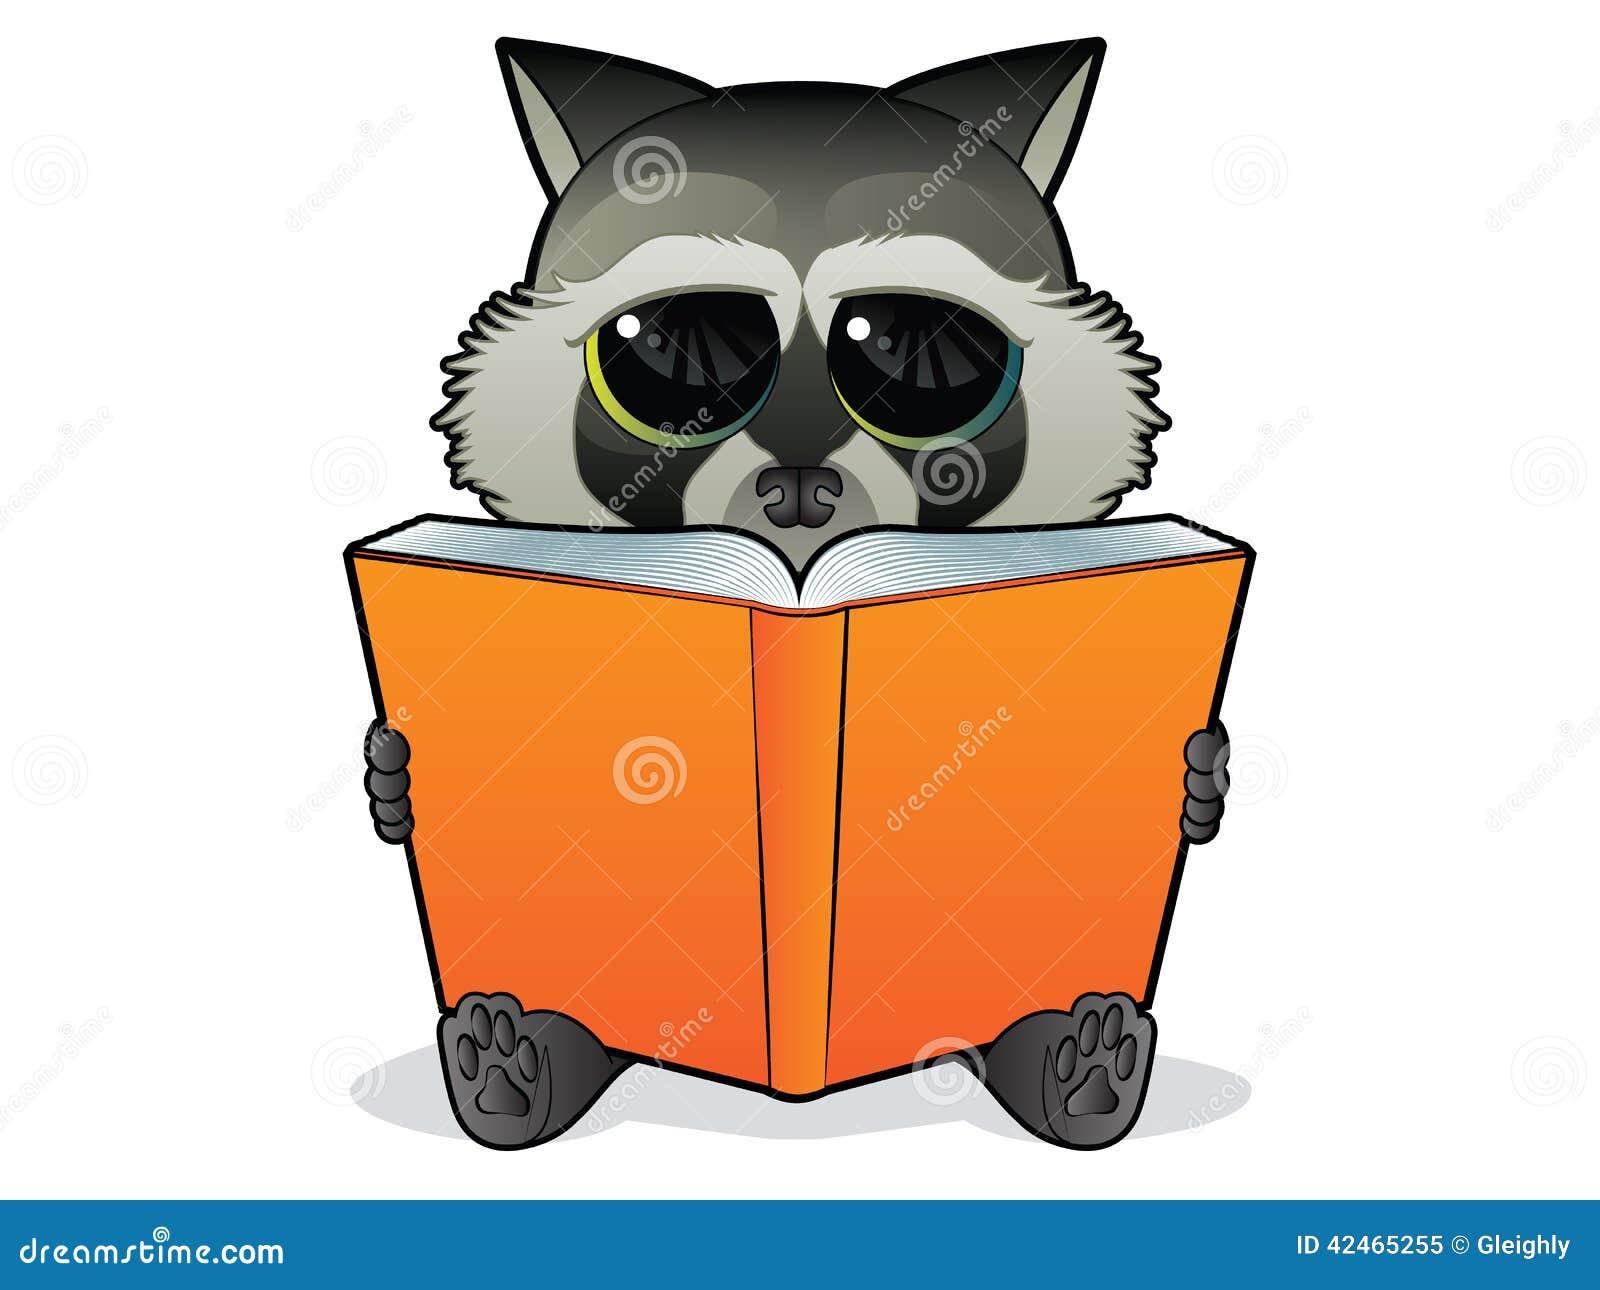 Buch-Lesewaschbär